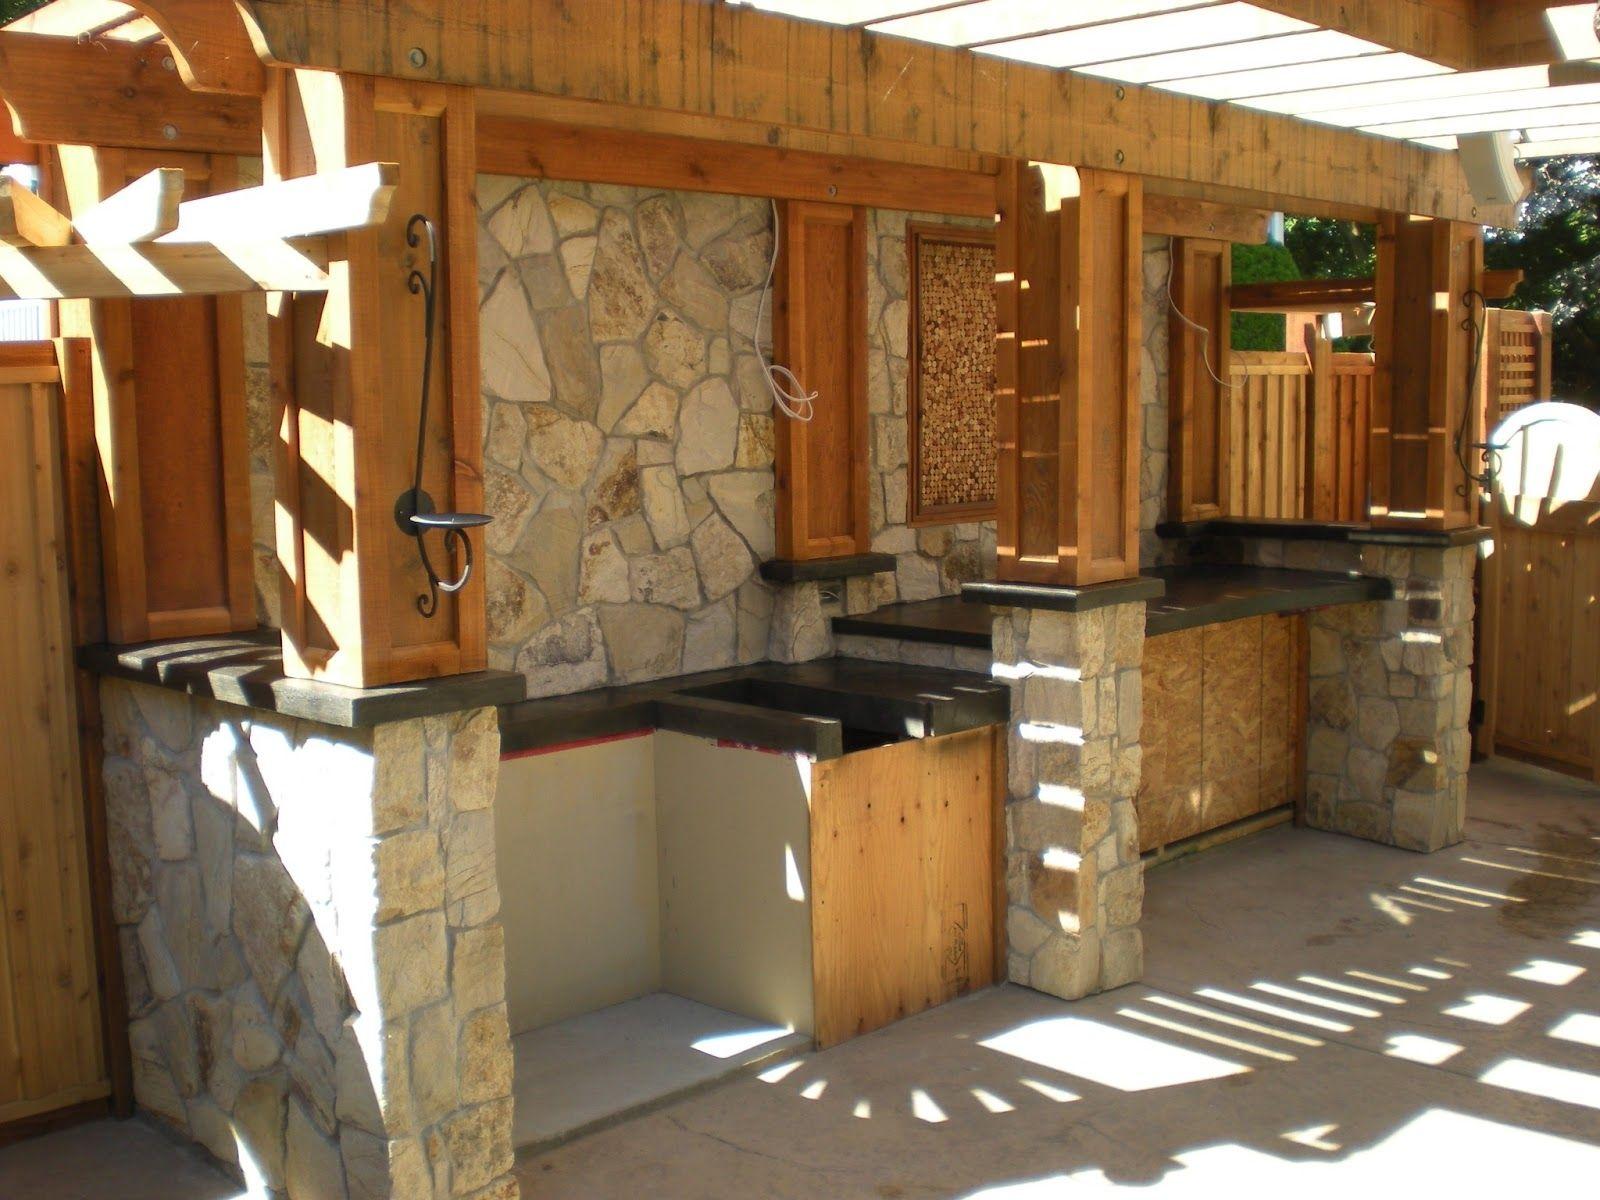 Outdoor kitchen benchtop ideas latulufofeed